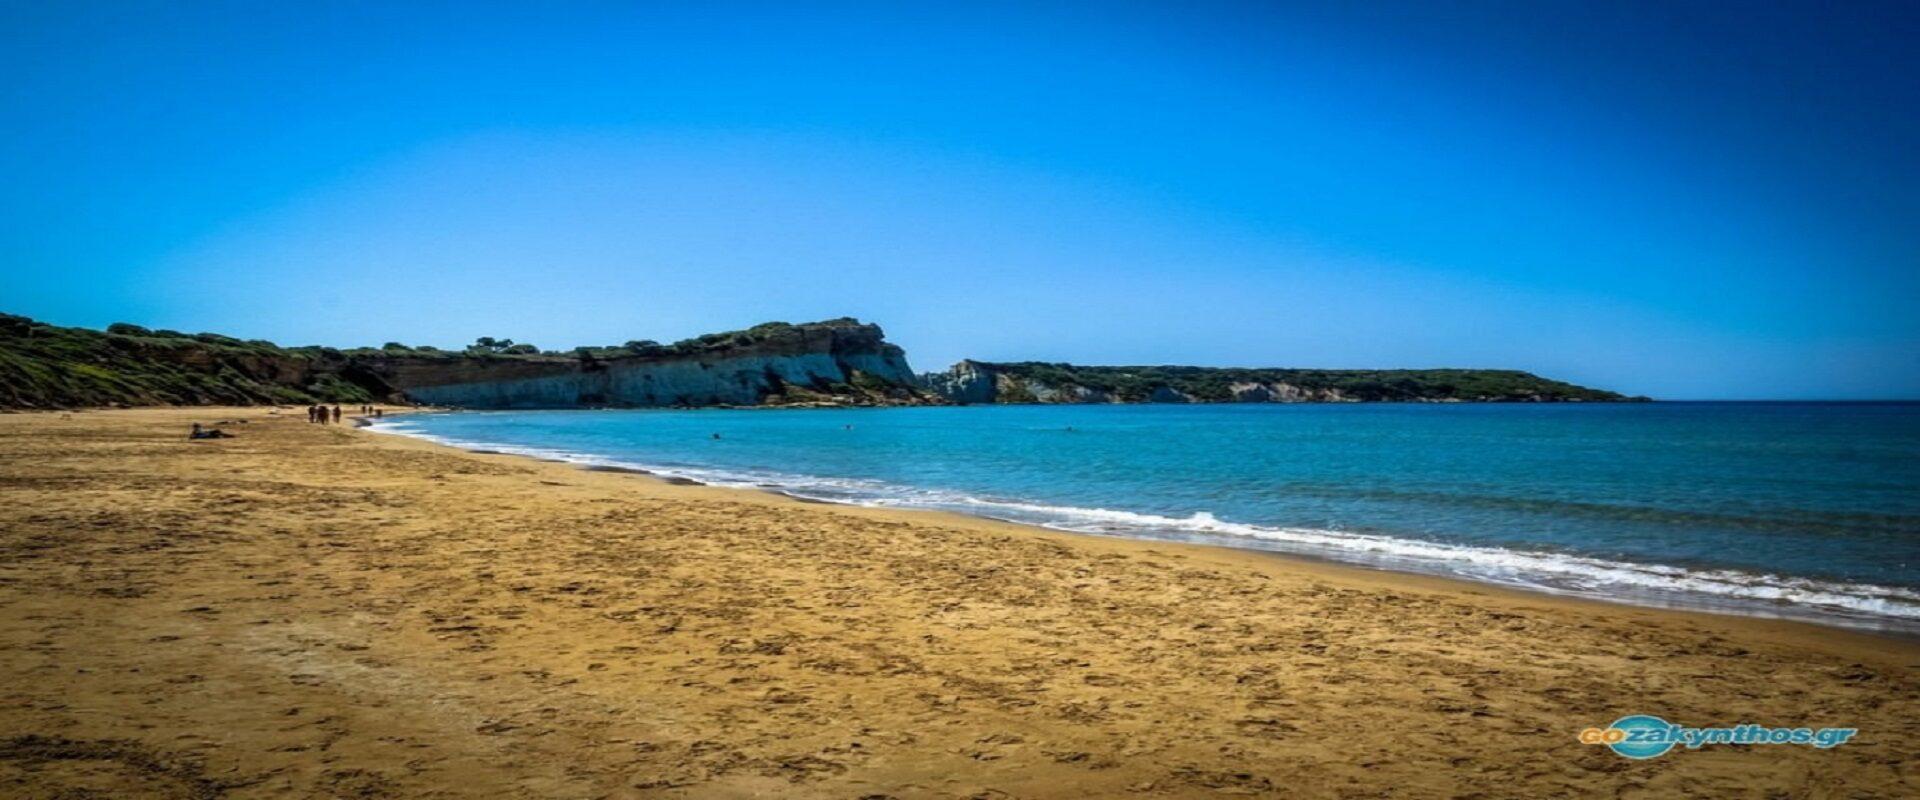 Παραλία Γέρακα